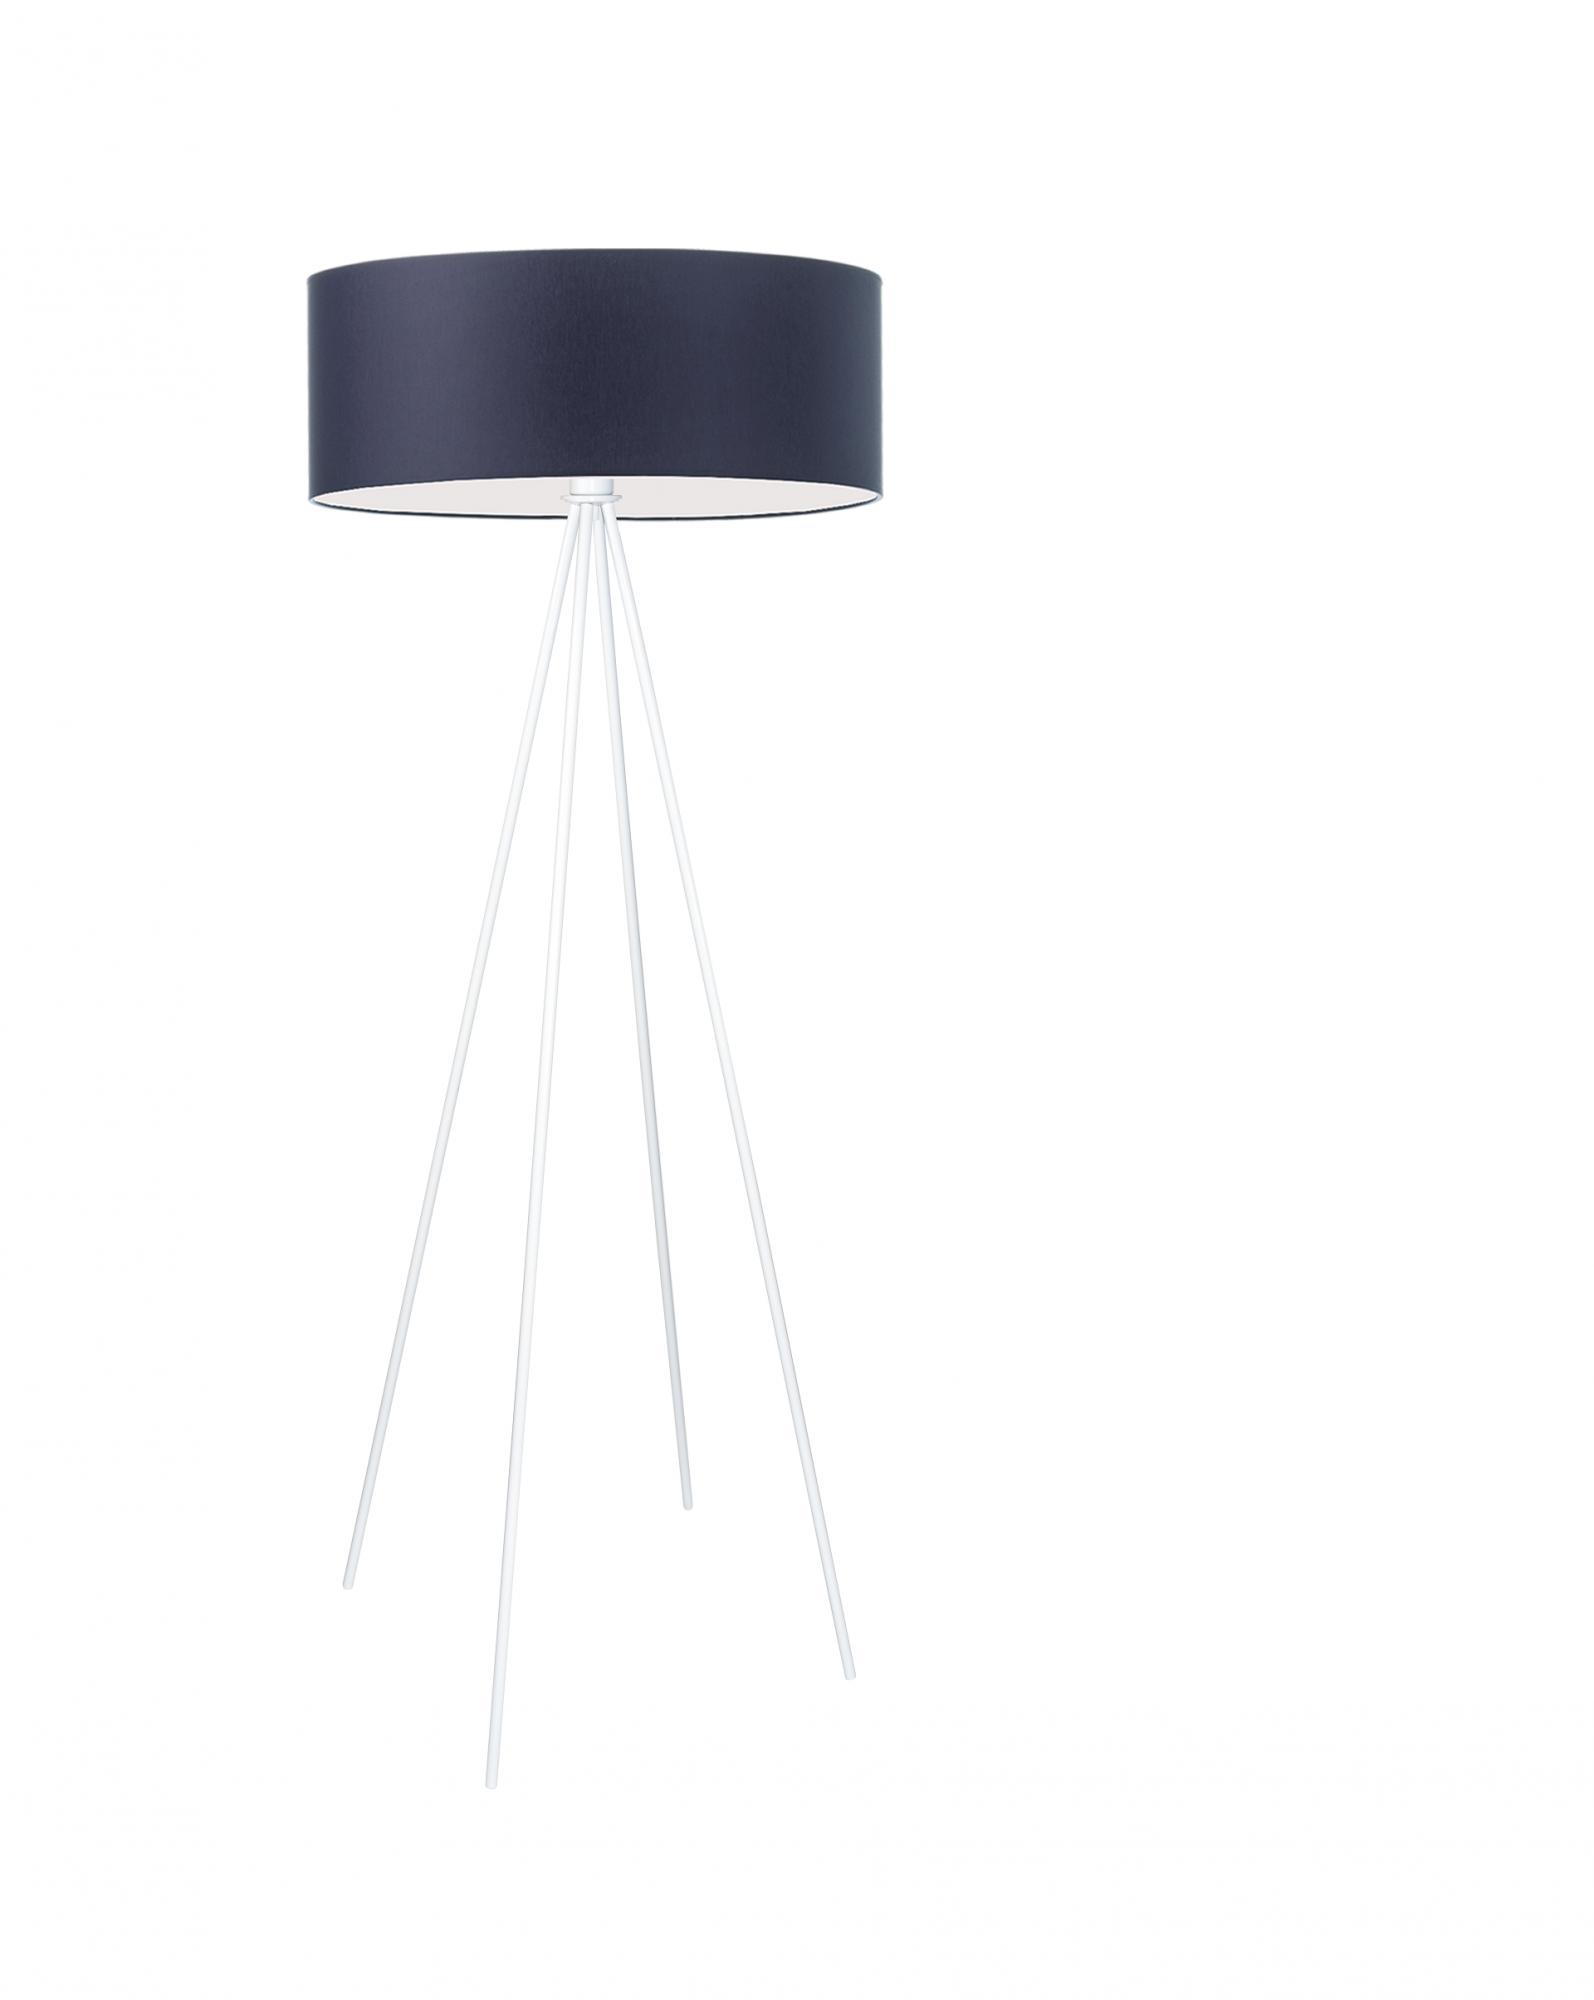 Lampa stojąca podłogowa SOLARIS! Częstochowa - zdjęcie 4